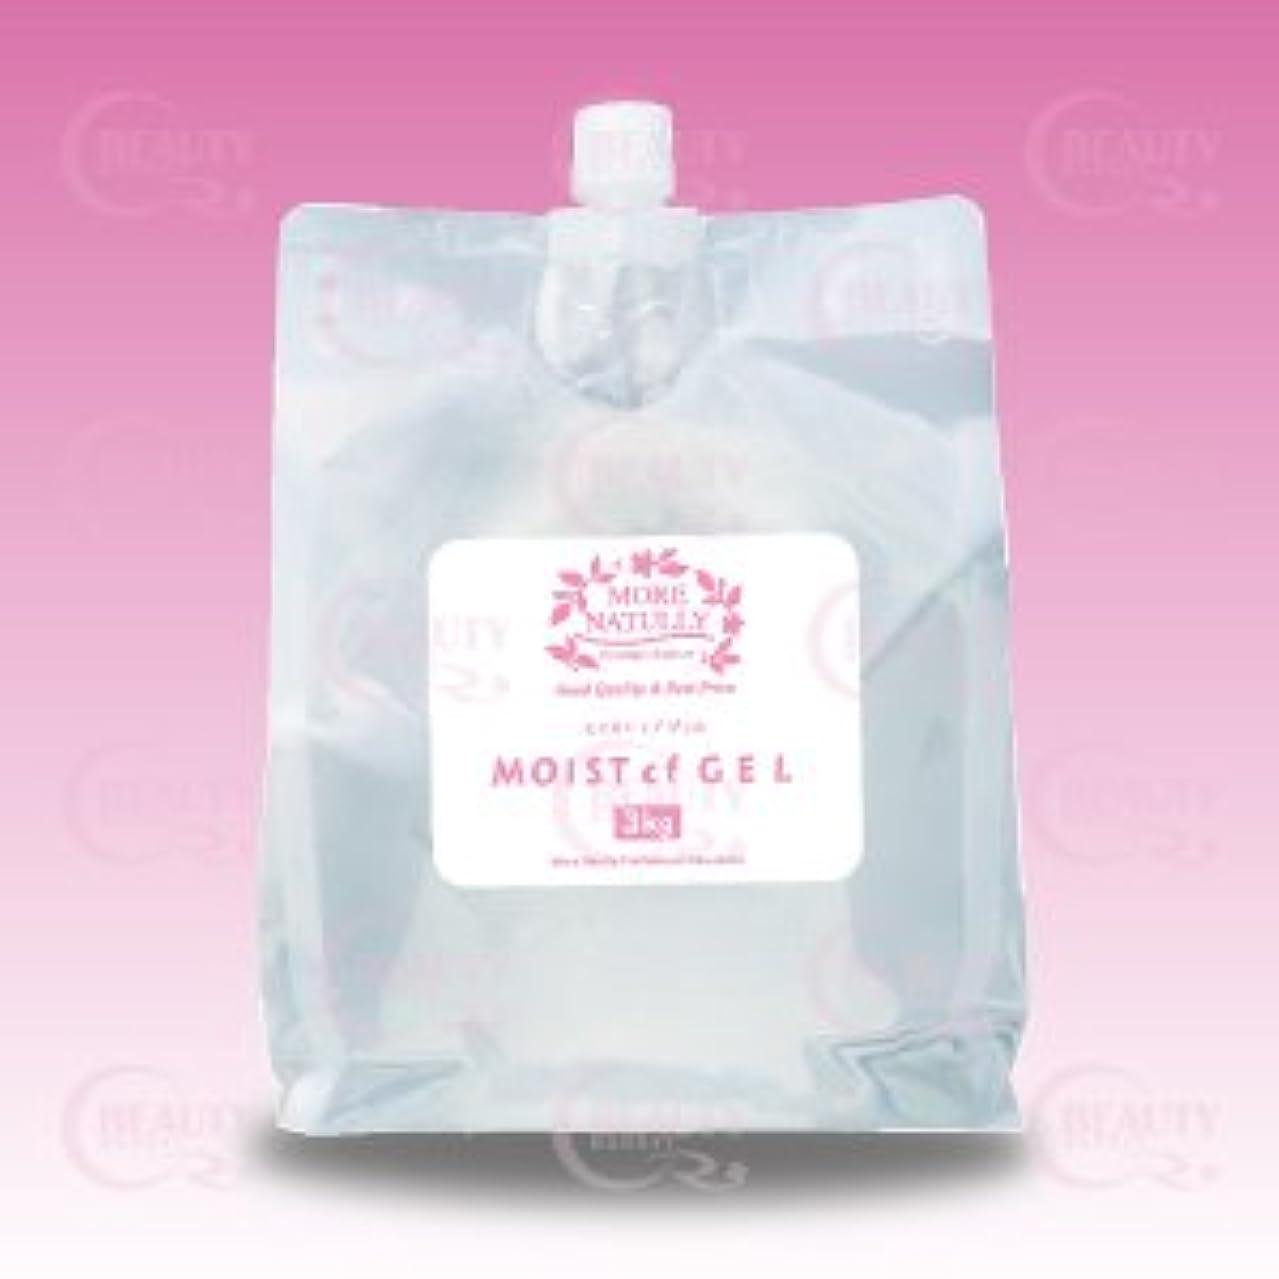 【日本製?業務用】モアナチュリー MOIST cf GEL (モイストcfジェル)3kg【連射脱毛機?美顔器用 マッサージジェル】